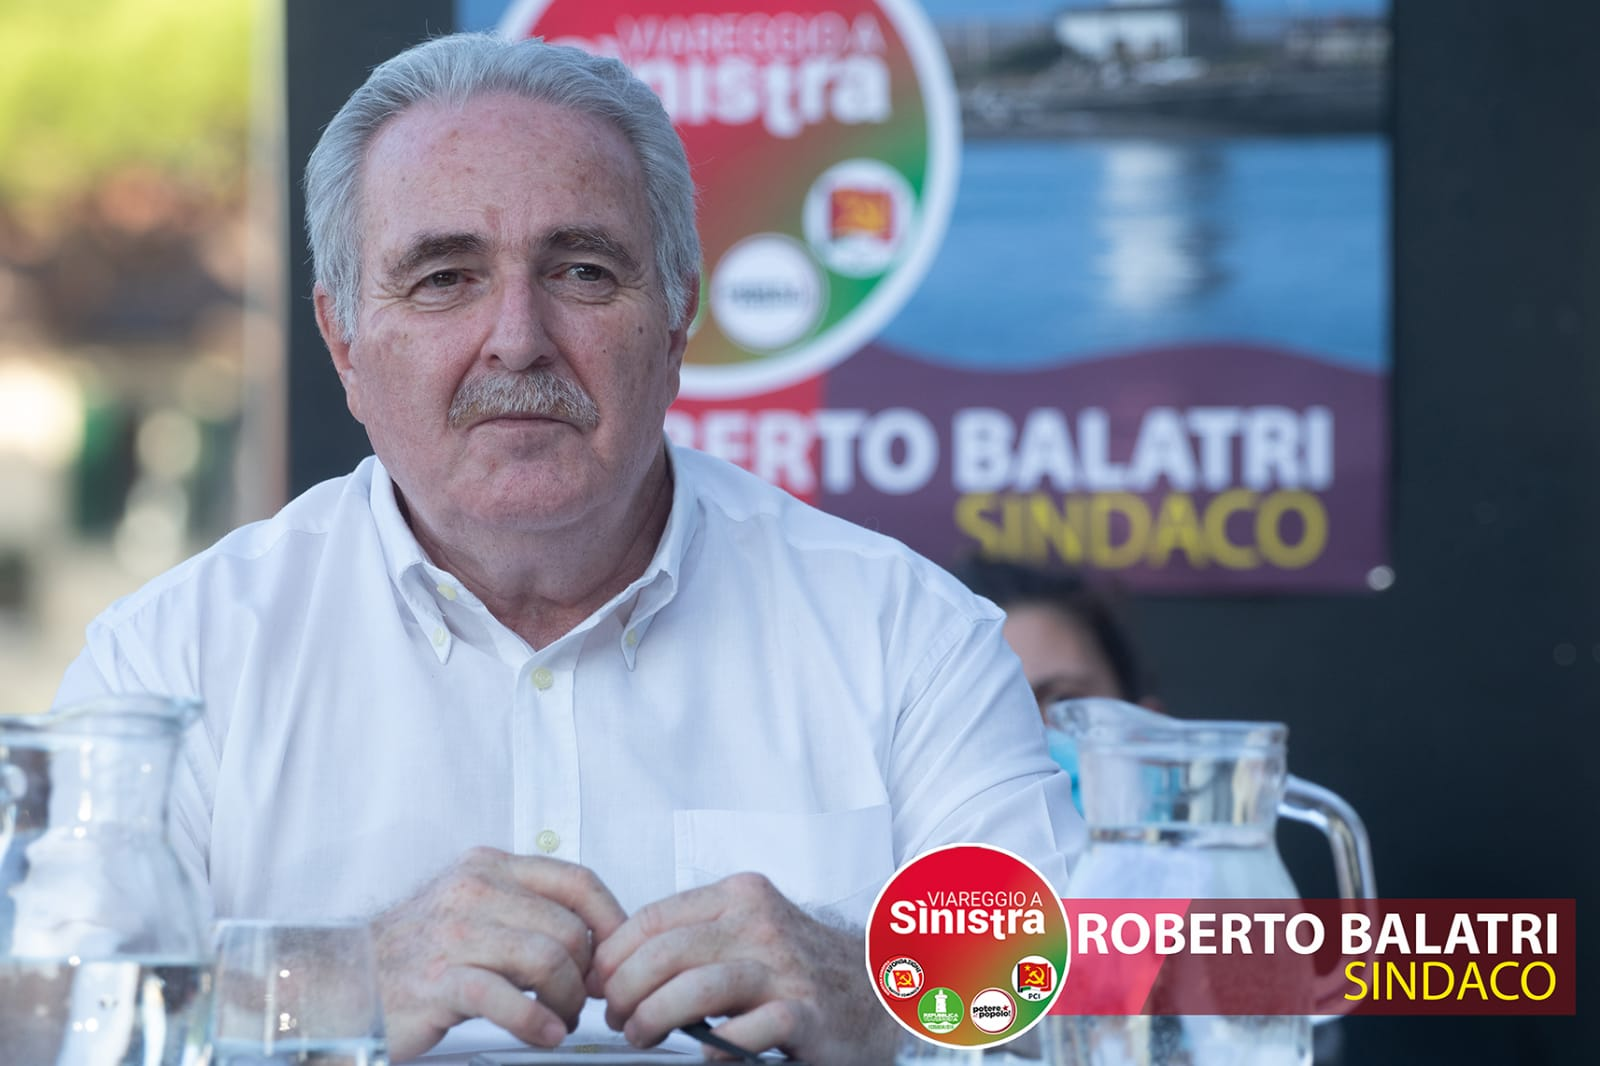 Verso le elezioni, intervista al candidato sindaco Roberto Balatri